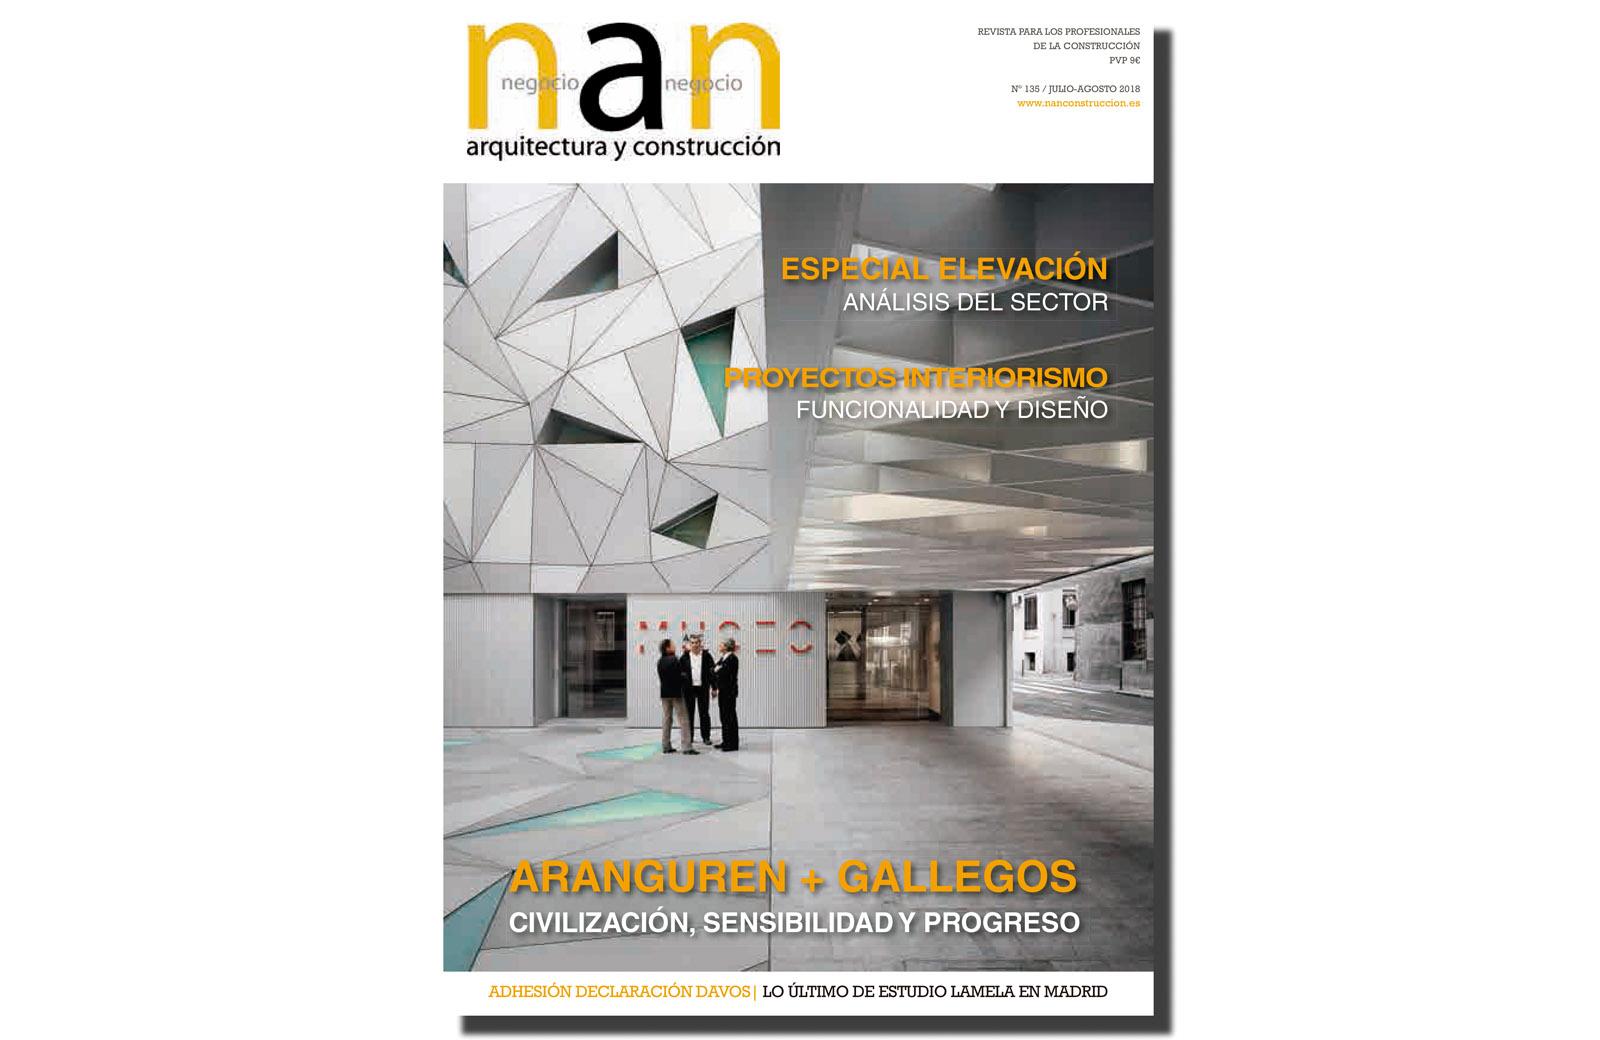 nan-arquitectura_miami_01